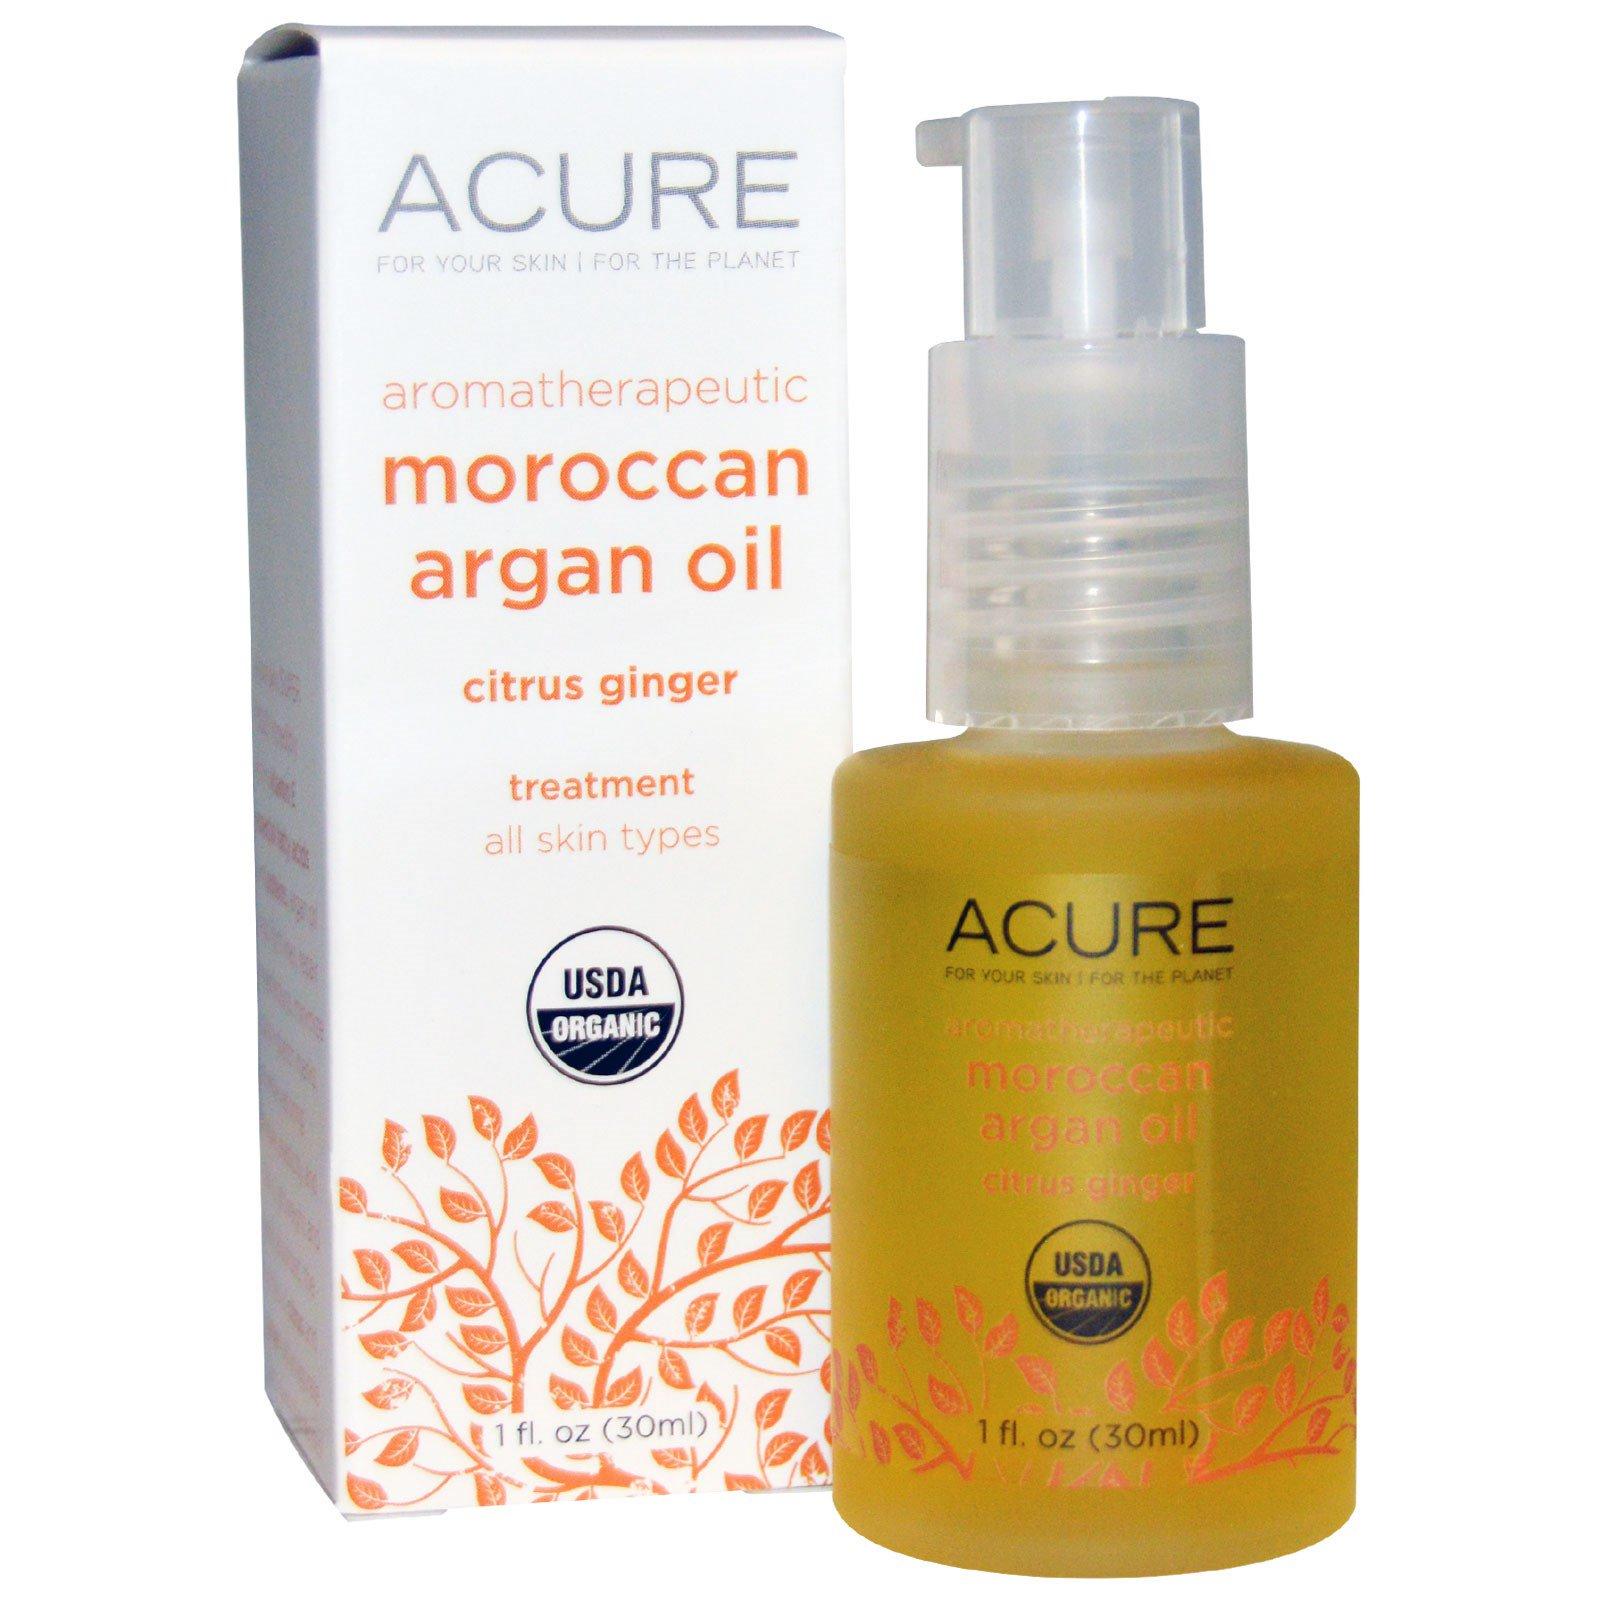 Acure Organics, Ароматерапевтическое марокканское масло аргана, цитрусовый имбирь, 30 мл (1 жидкая унция)